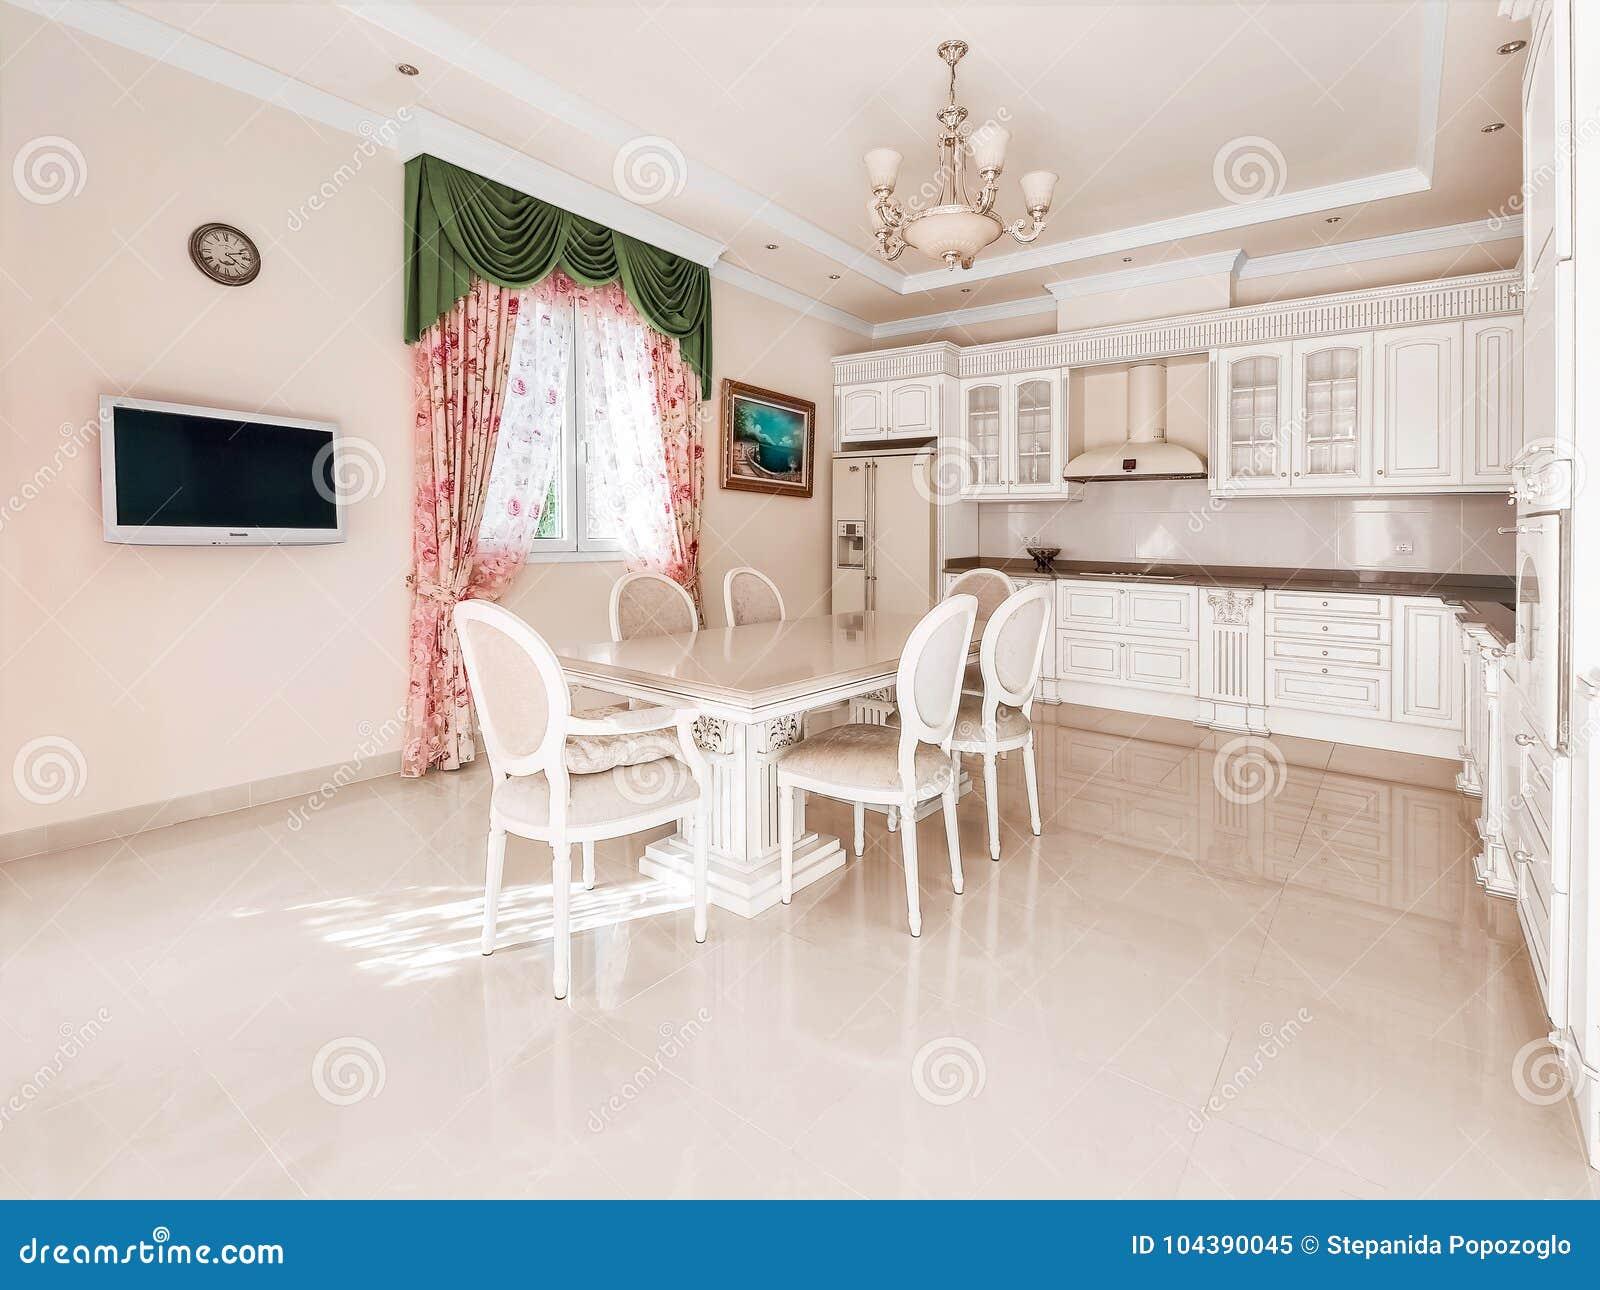 Grote comfortabele keuken In het midden van de keuken een massiv